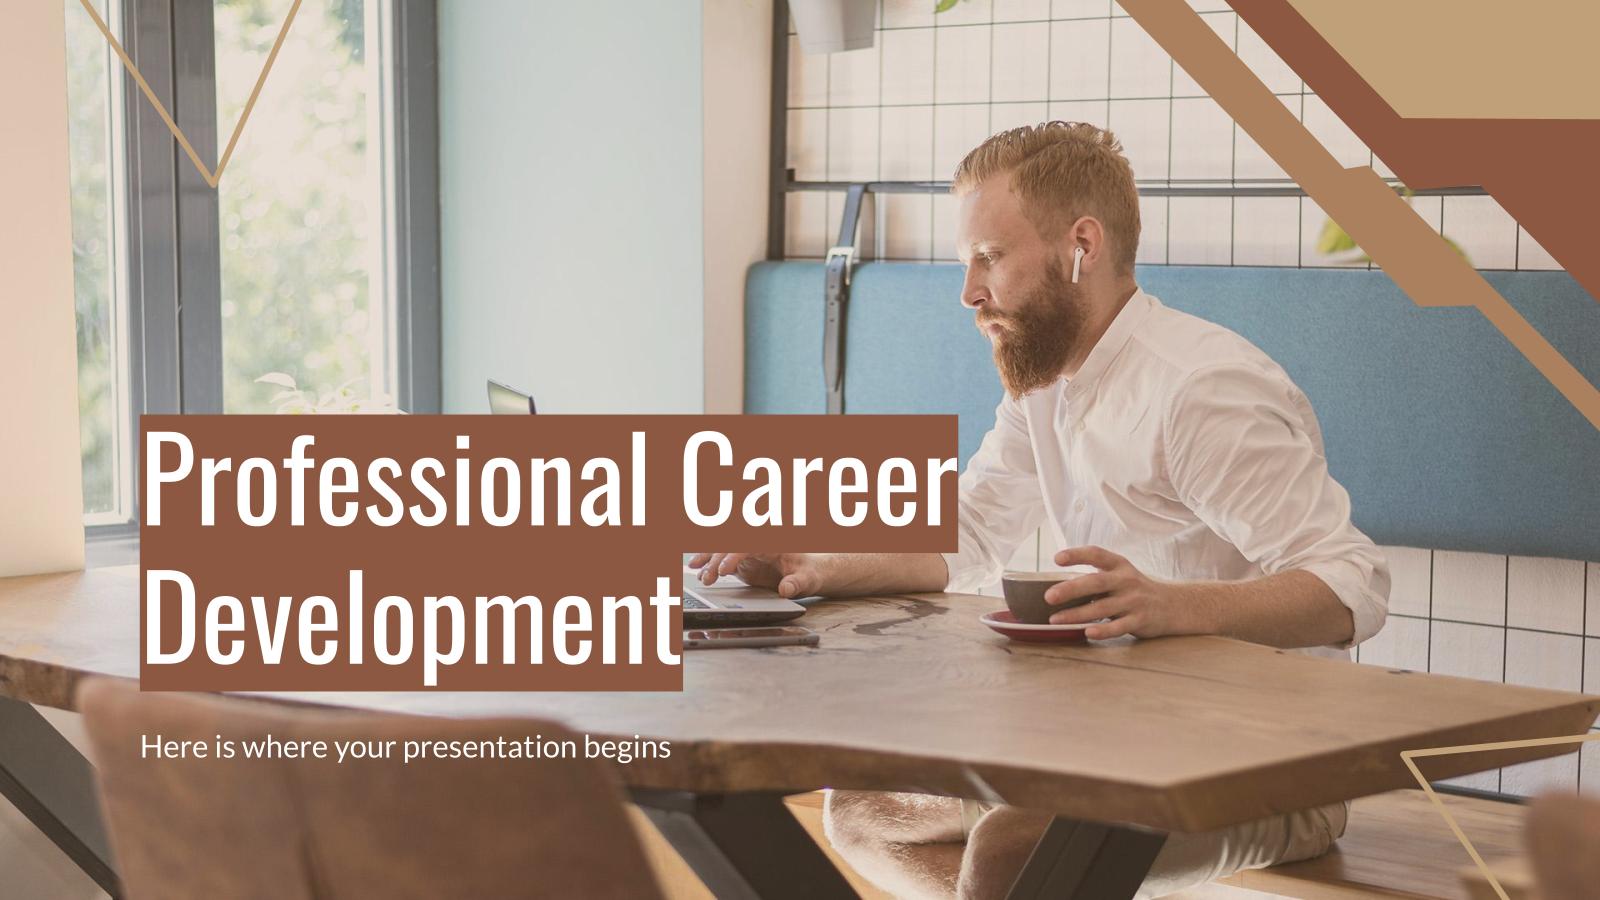 Plantilla de presentación Desarrollo de carrera profesional